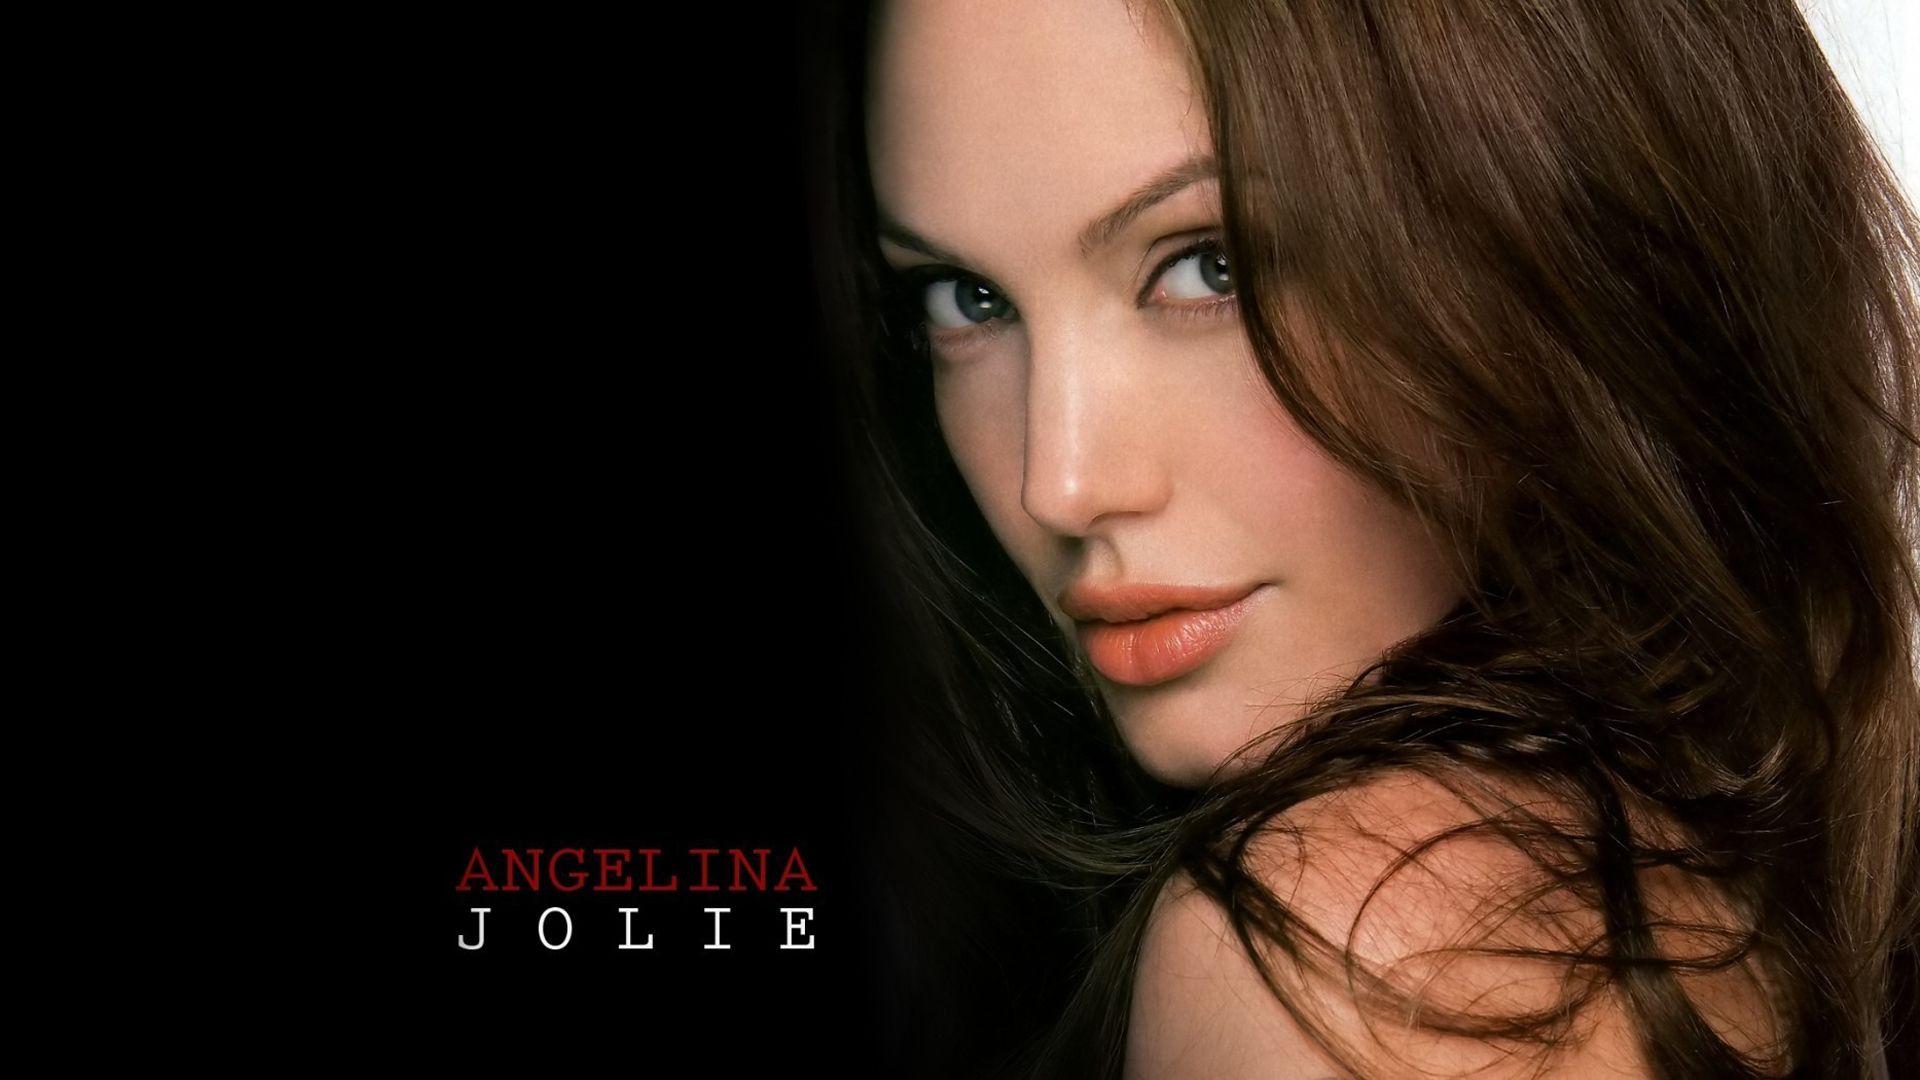 Анджелина джоли картинки с надписями, день